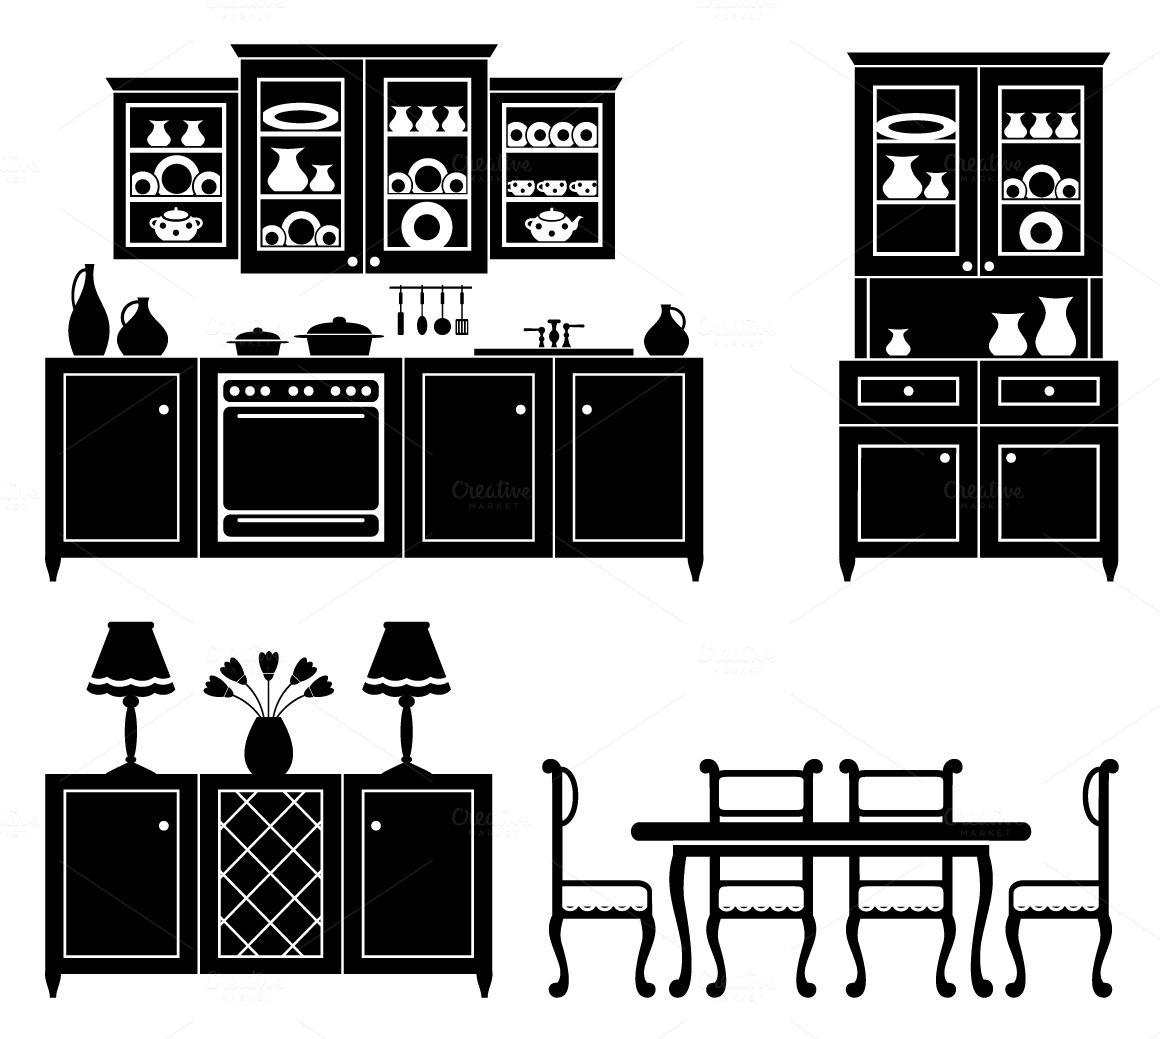 Images of furniture in black Casa de boneca